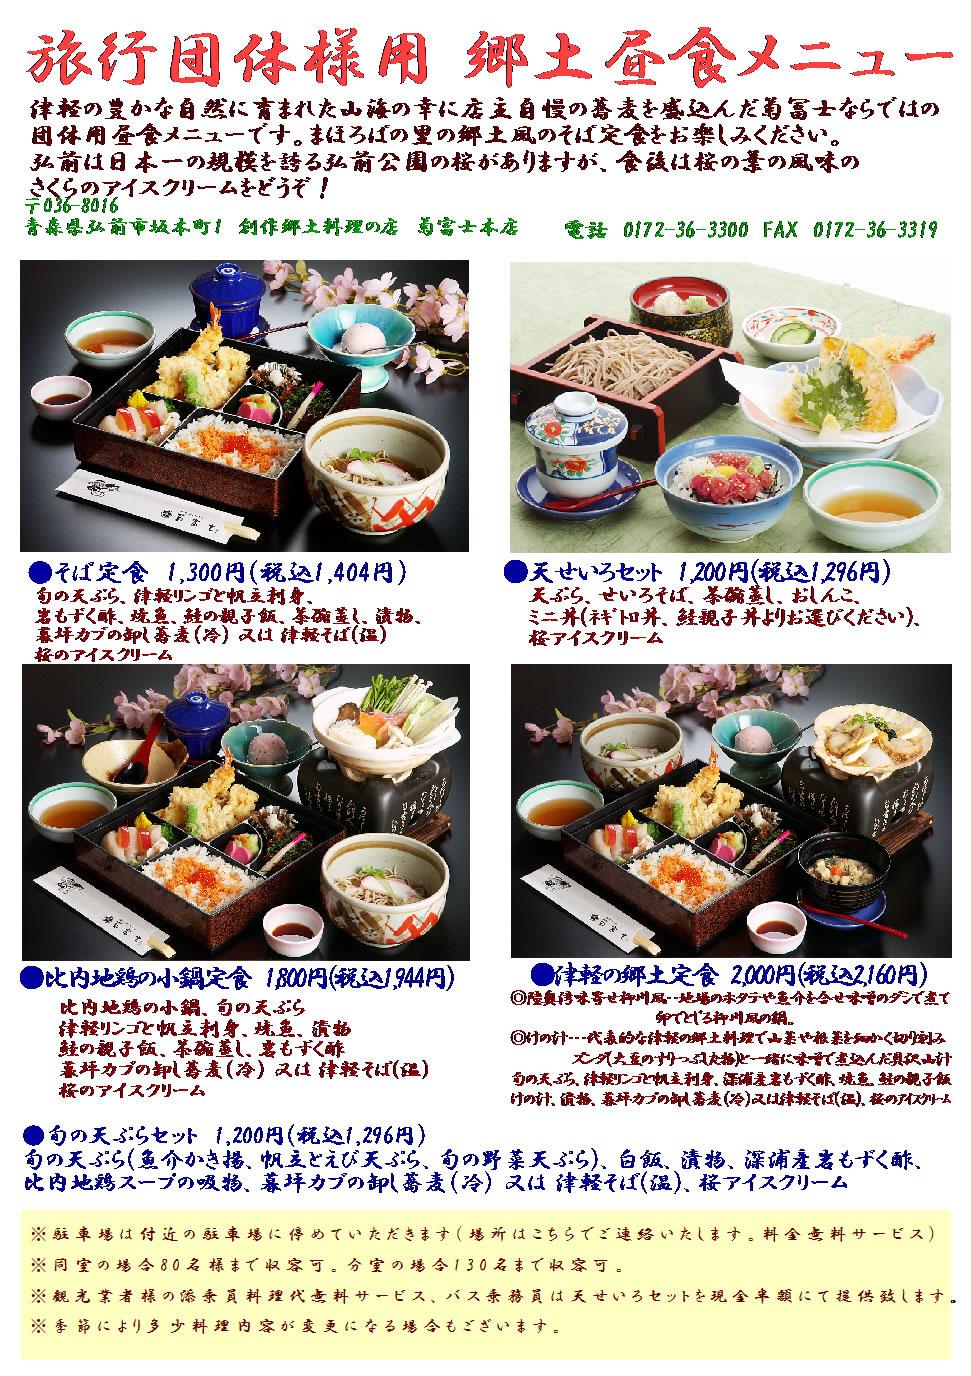 旅行団体様用郷土料理昼食メニュー